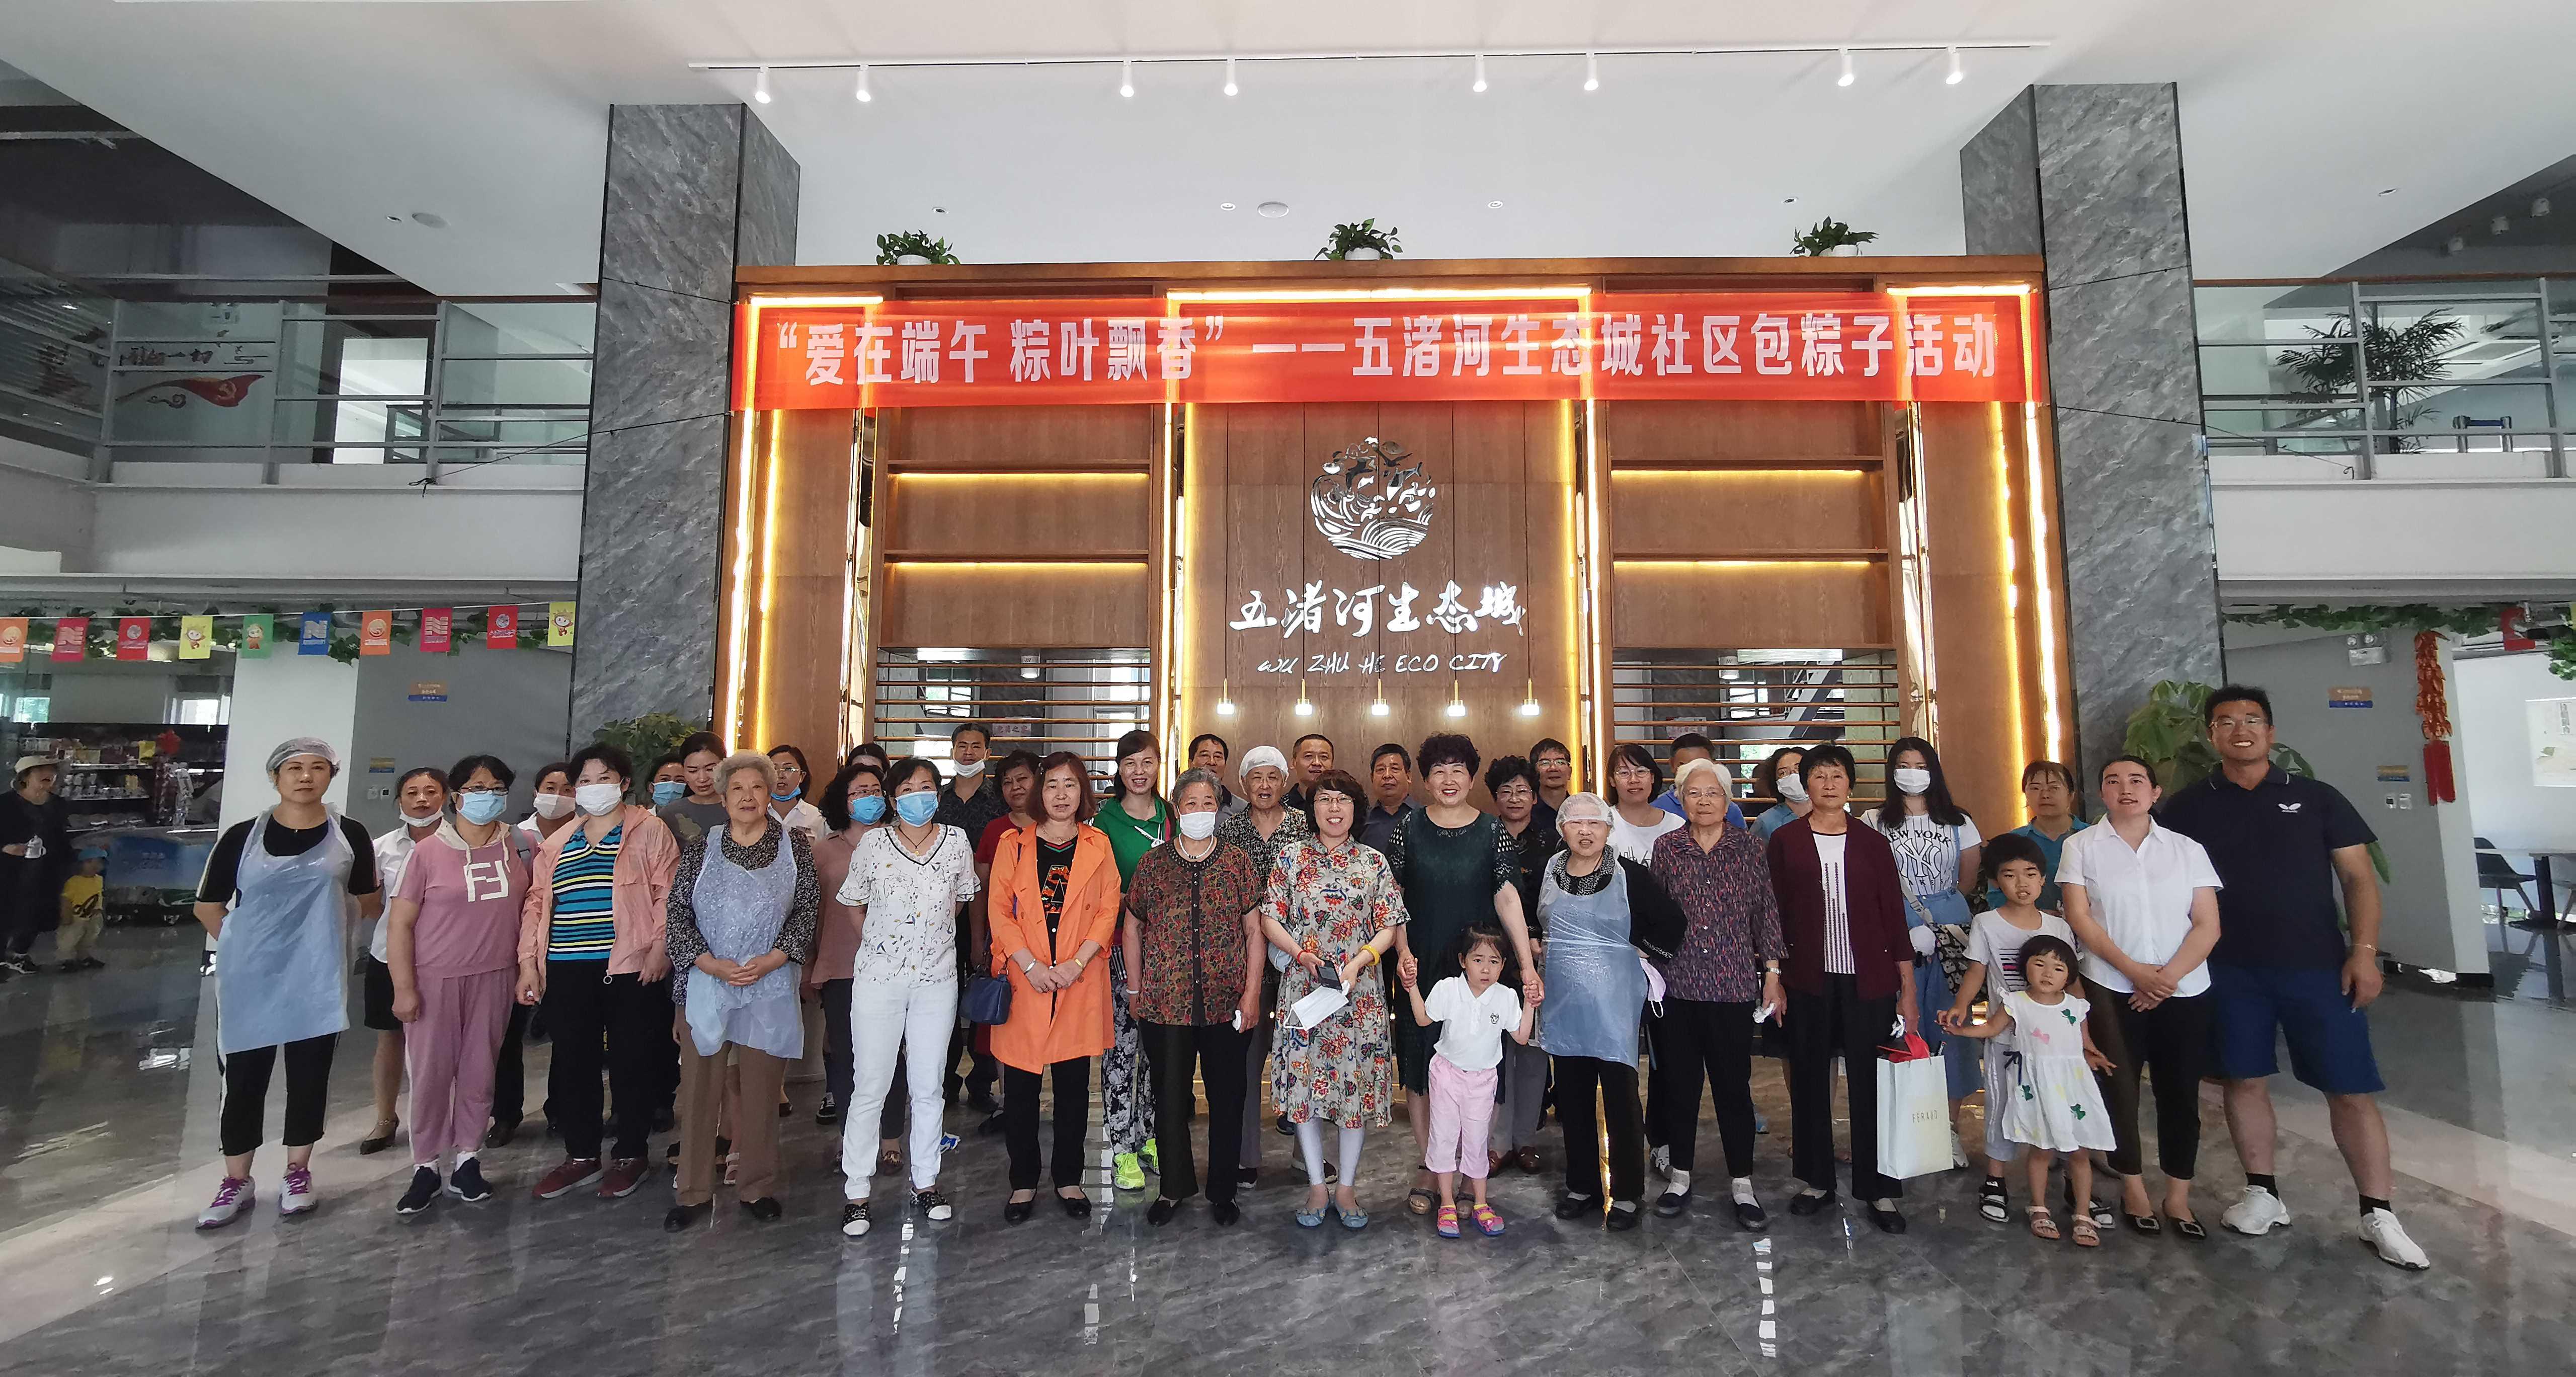 【爱在端午粽叶飘香】——五渚河生态城社区包粽子活动圆满落幕